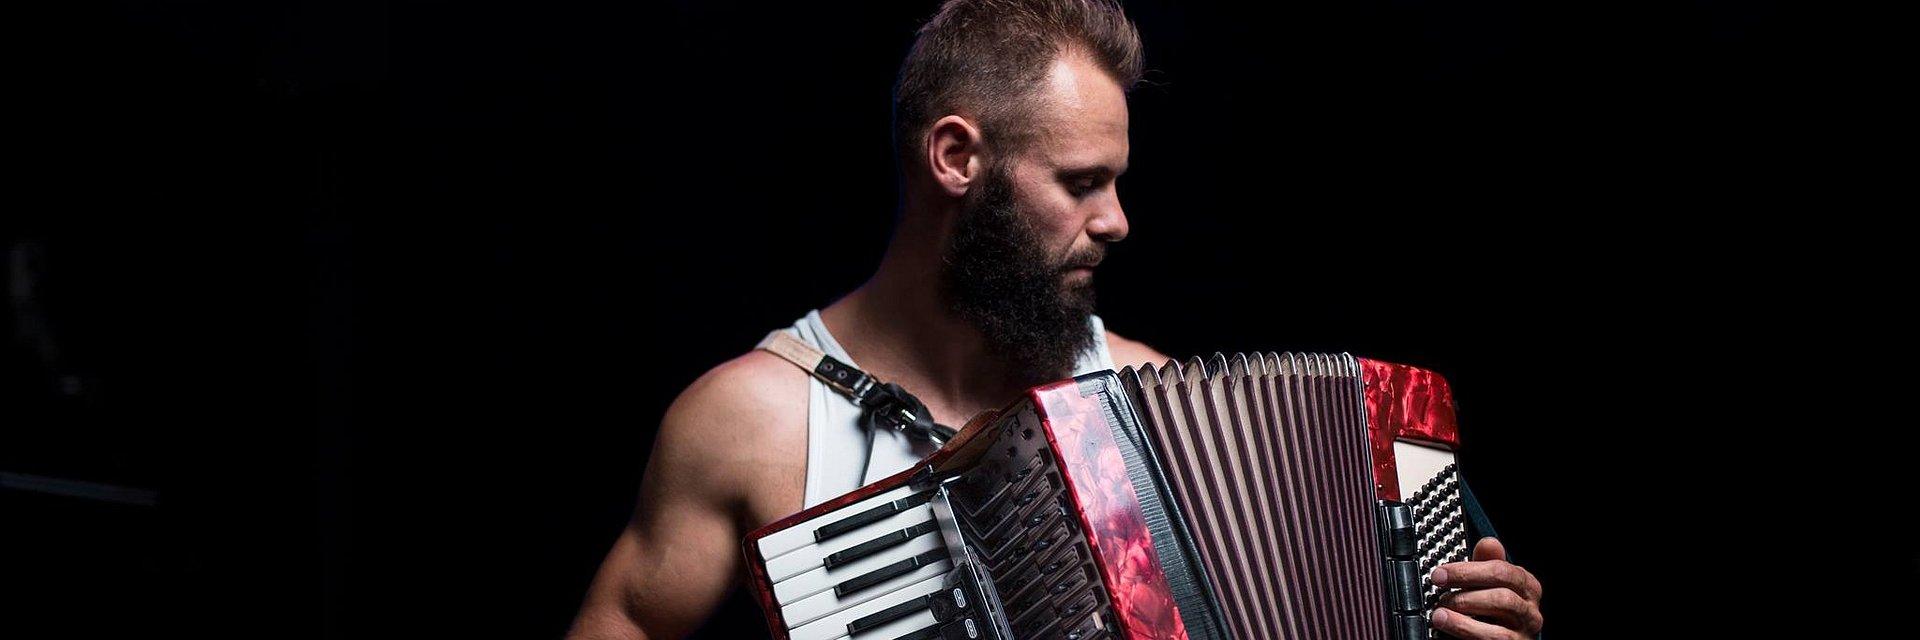 Artysta, którego inspiruje wolność, zagra na Małej Scenie 25. Pol'and'Rock Festival.